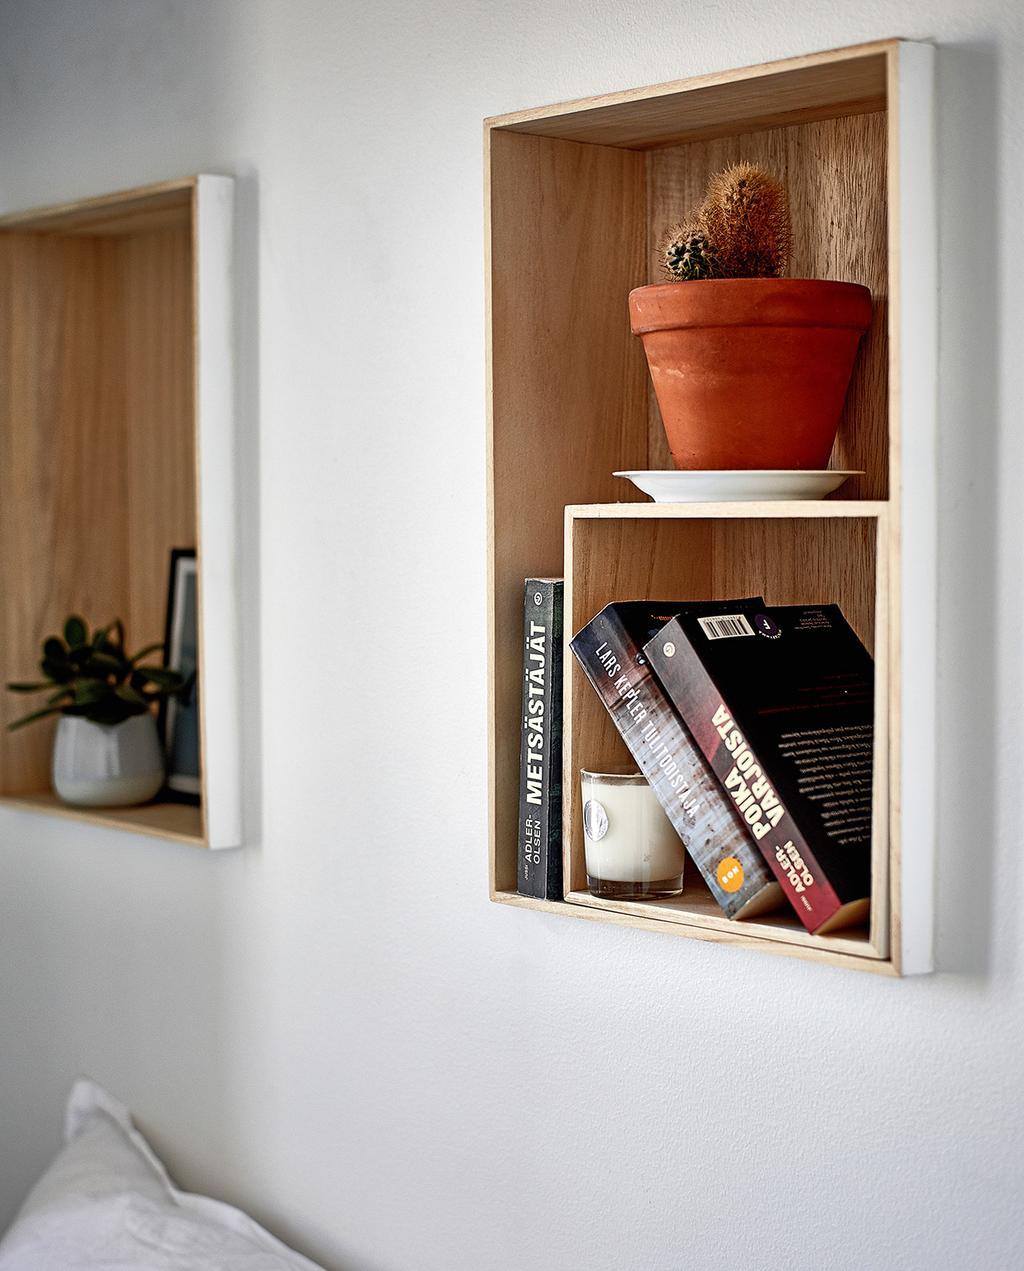 vtwonen special tiny houses | kleine kasten van hout aan de muur